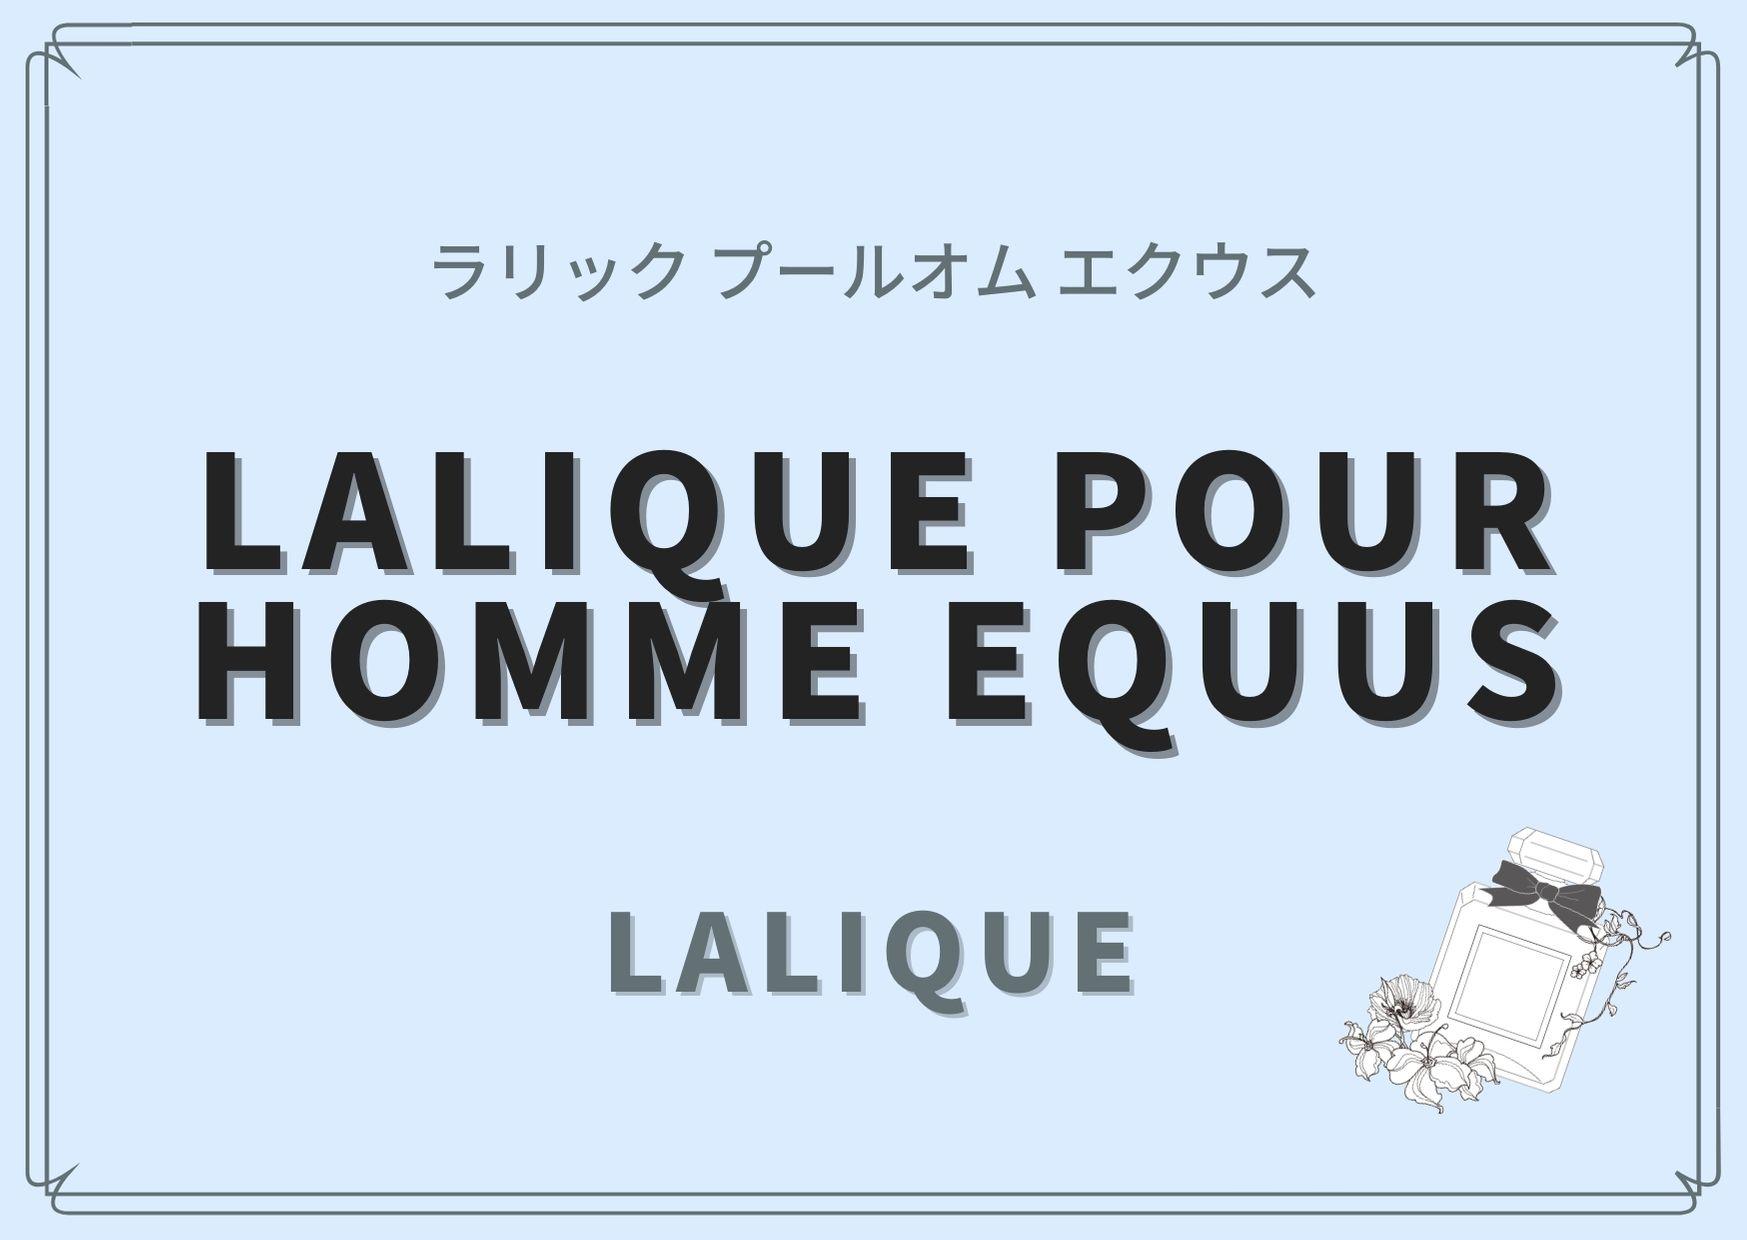 Lalique Pour Homme Equus(ラリック プールオム エクウス)/ LALIQUE(ラリック)